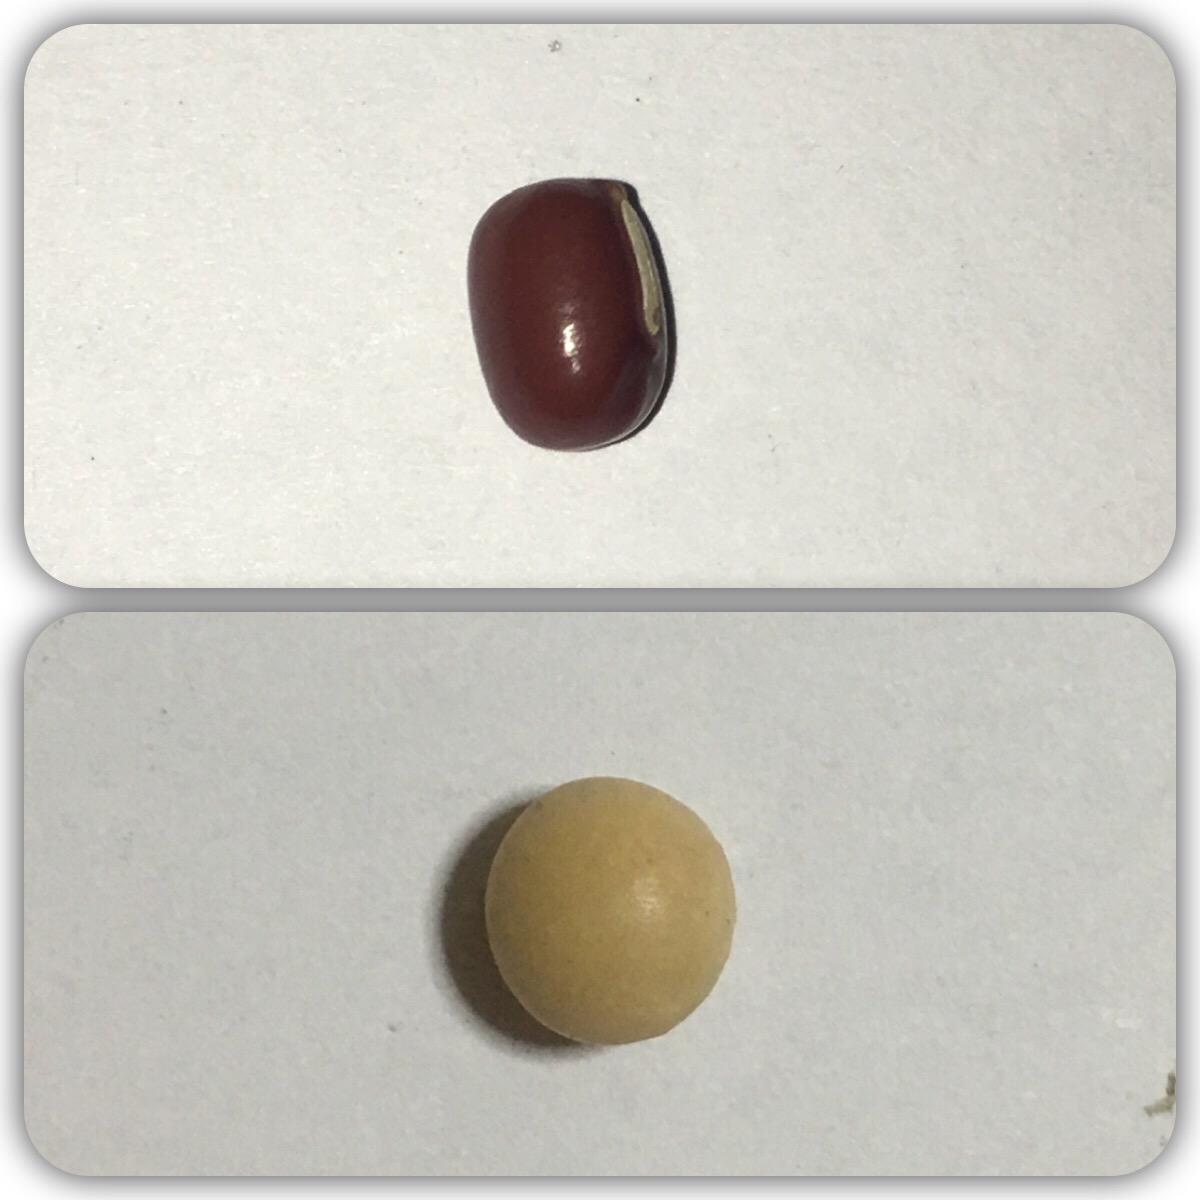 小豆と黄大豆